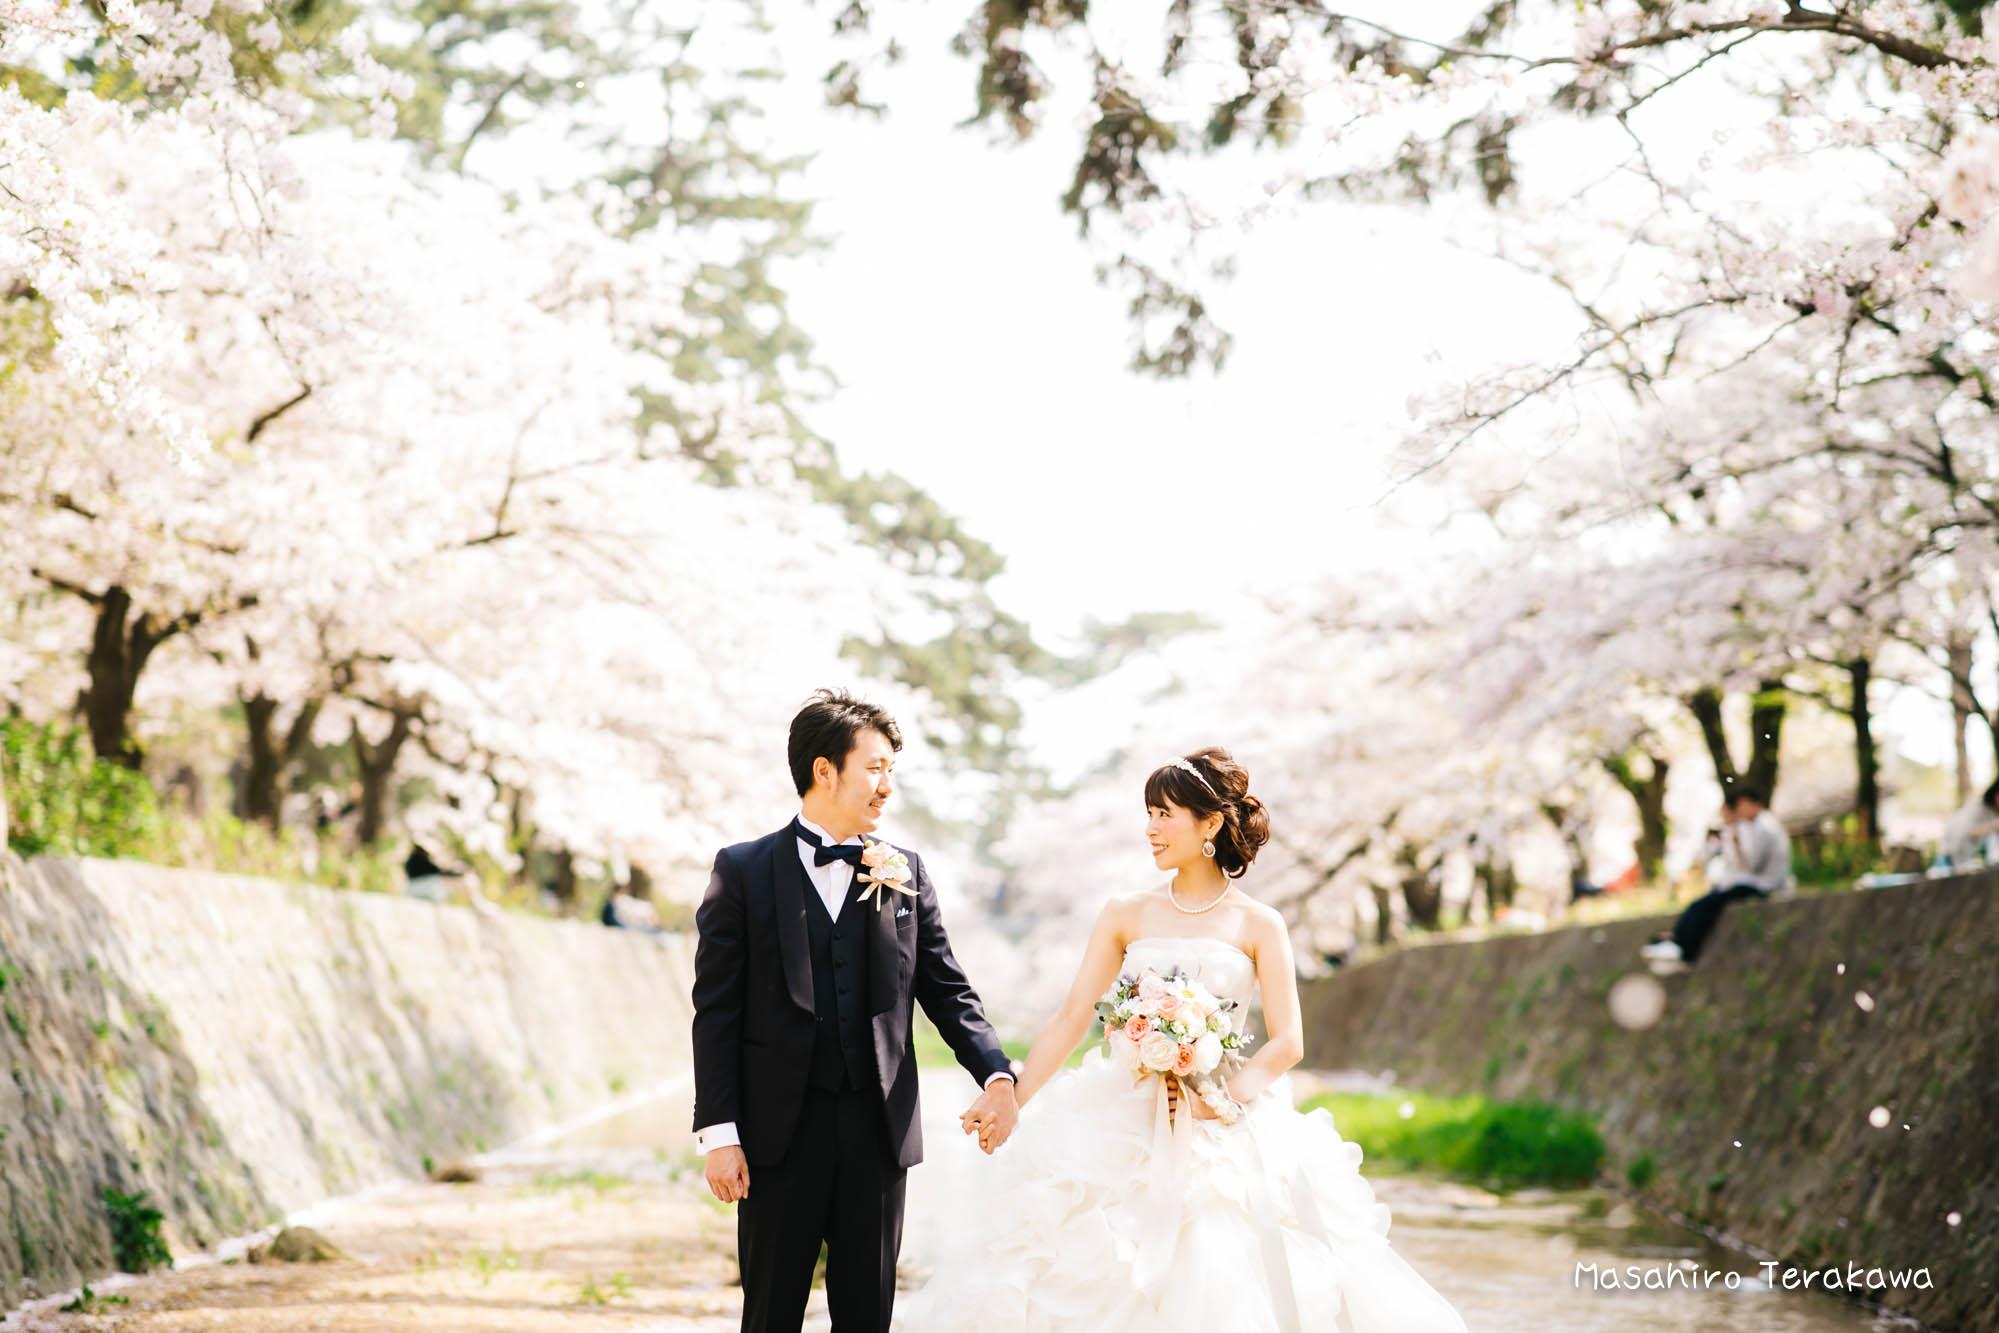 トリートドレッシングのウェディングドレスで結婚式前撮り3